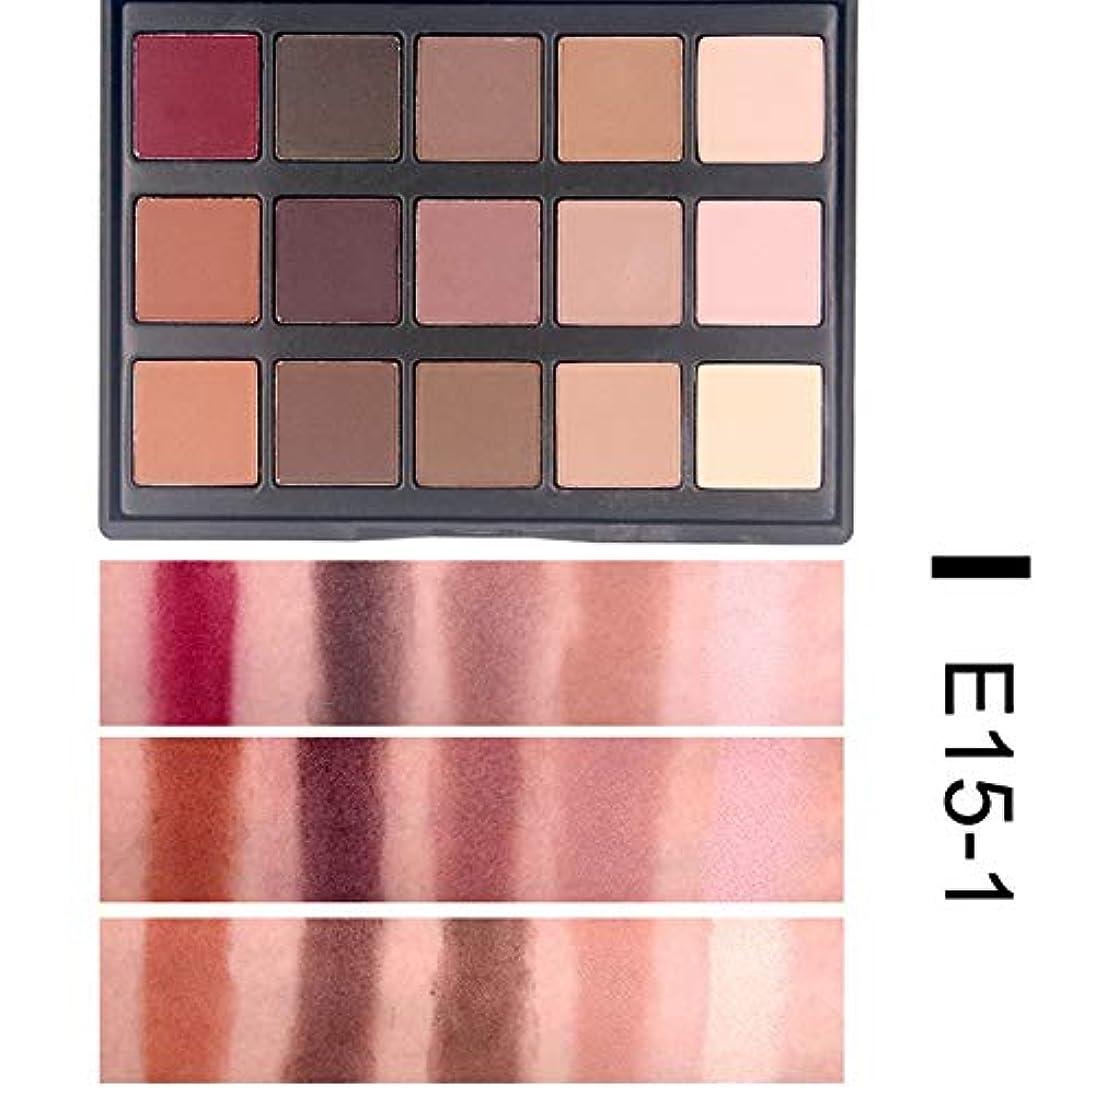 便益それらパプアニューギニアRabugoo 15色ミニアイシャドウパウダーマットアイシャドウ化粧品メイクアップ EP15#1